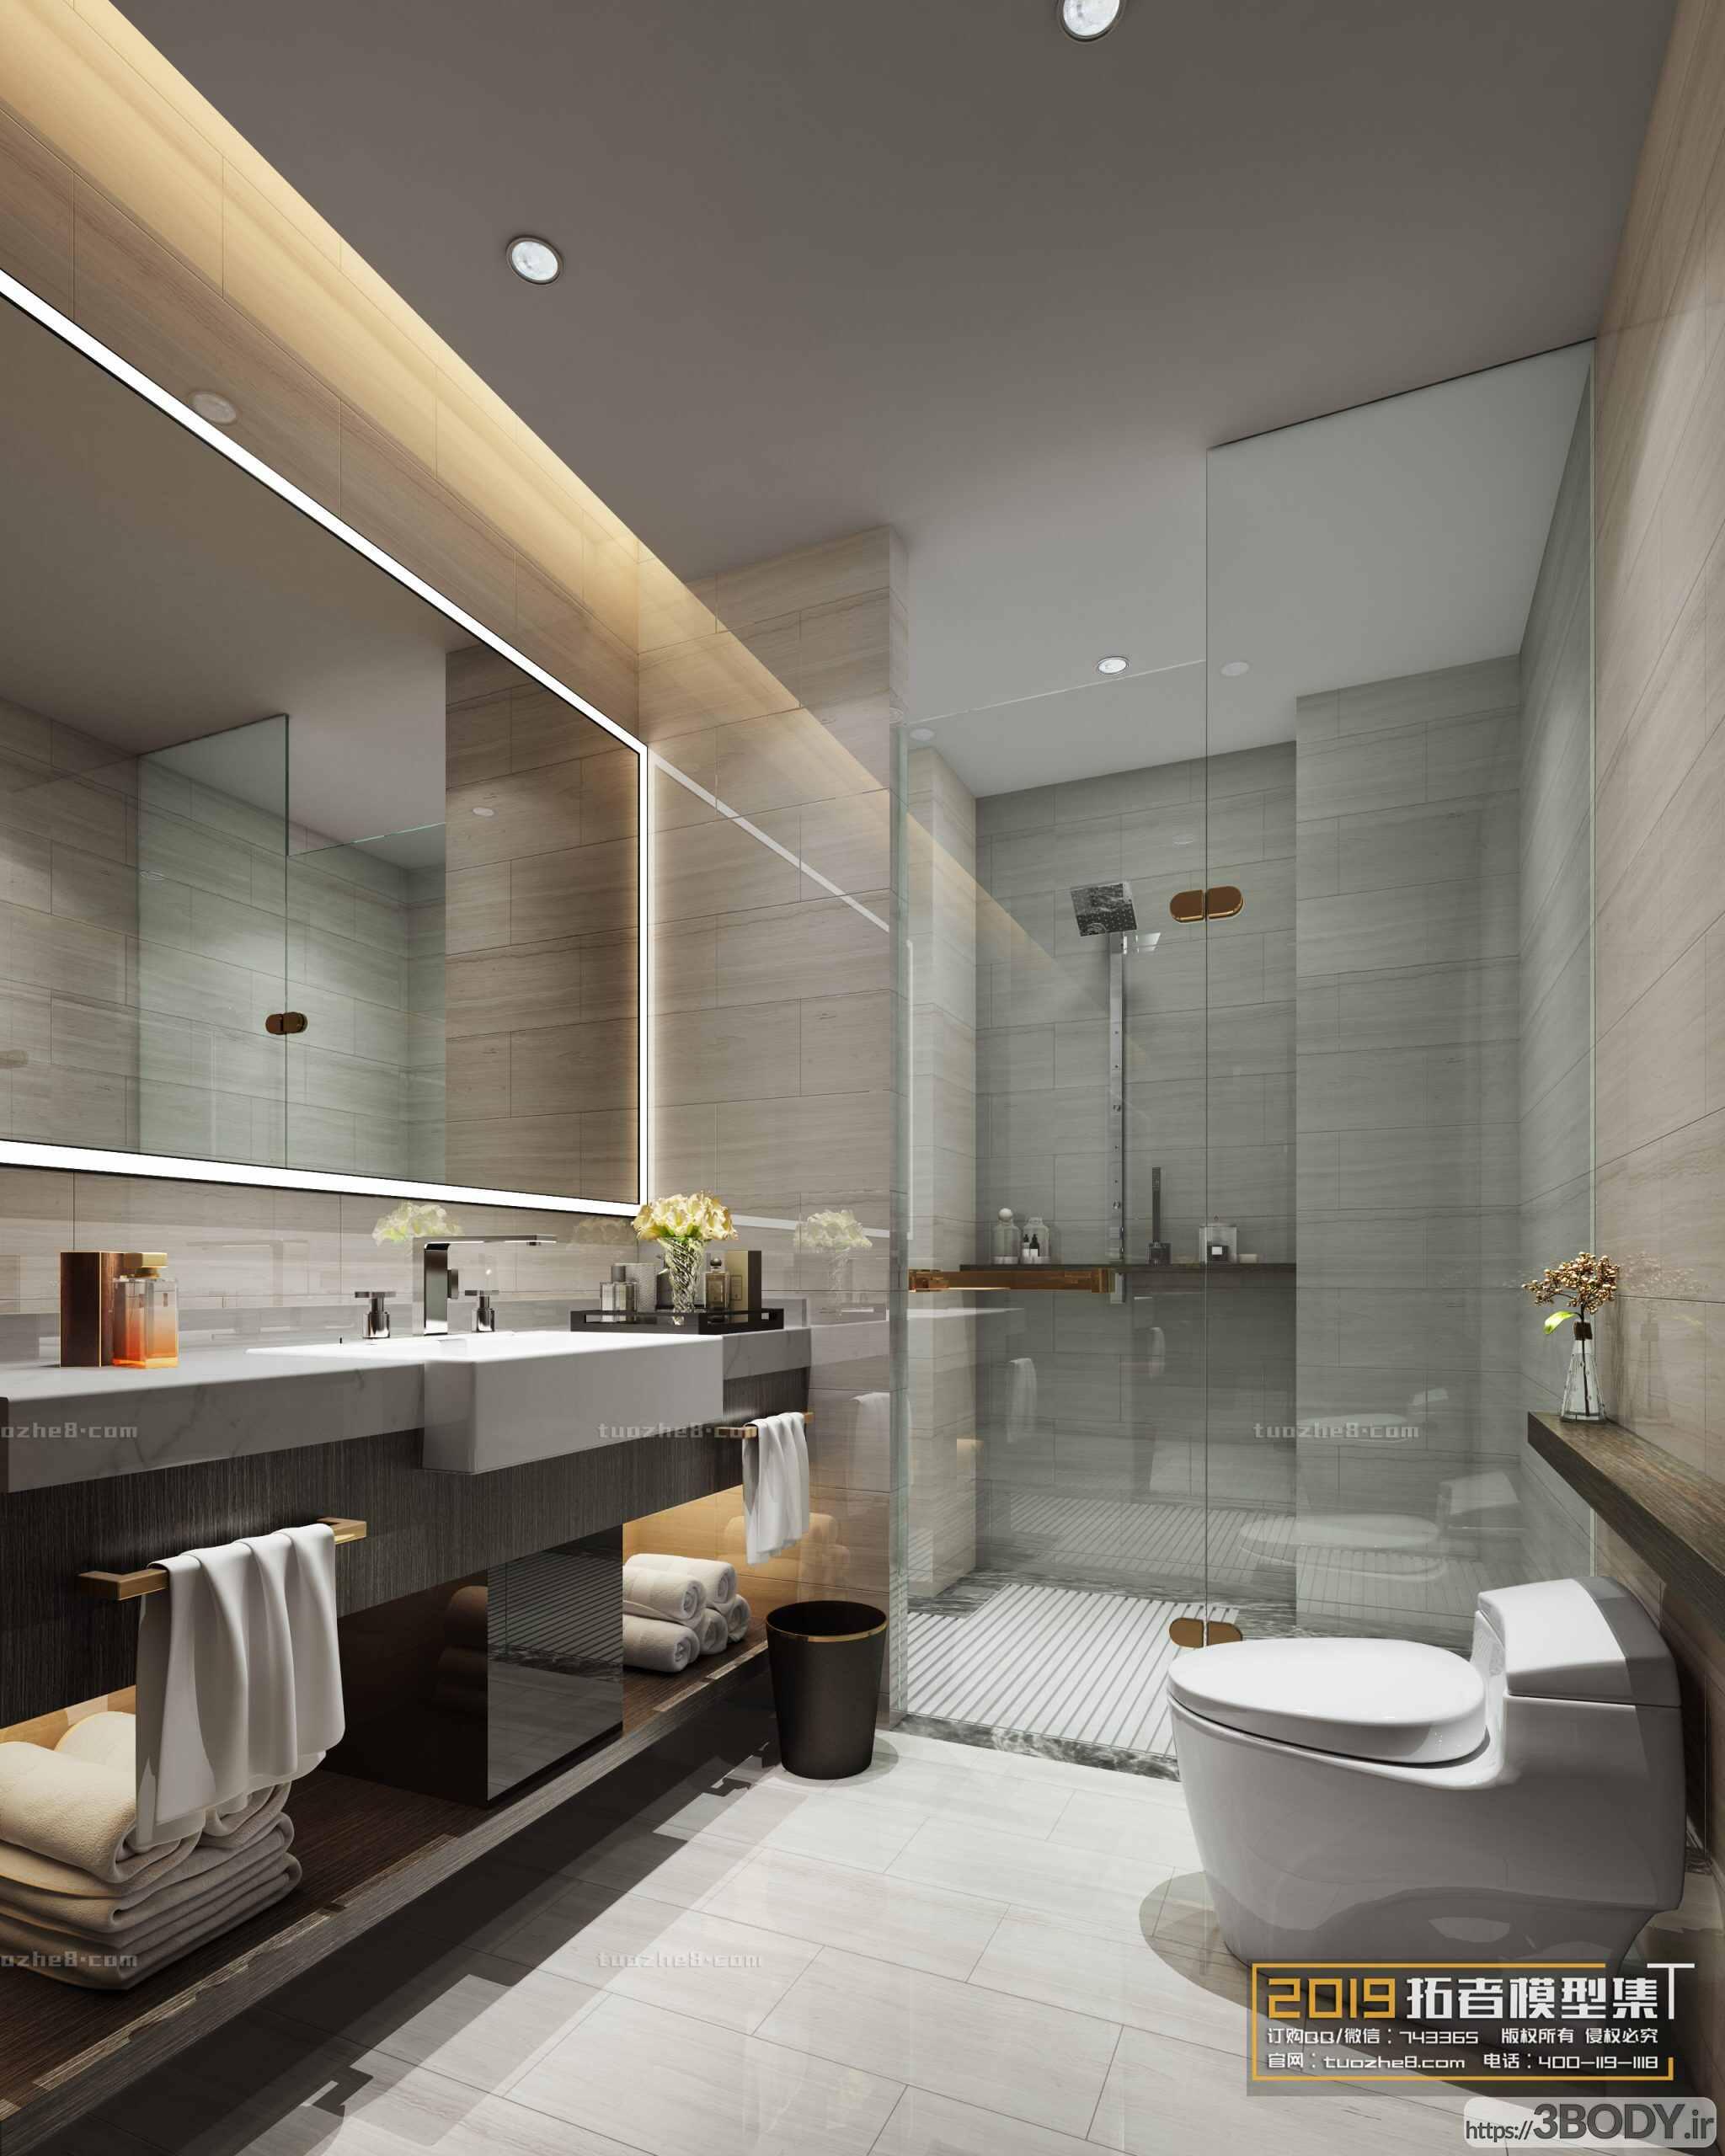 صحنه اماده رندر حمام و سرویس بهداشتی عکس 1